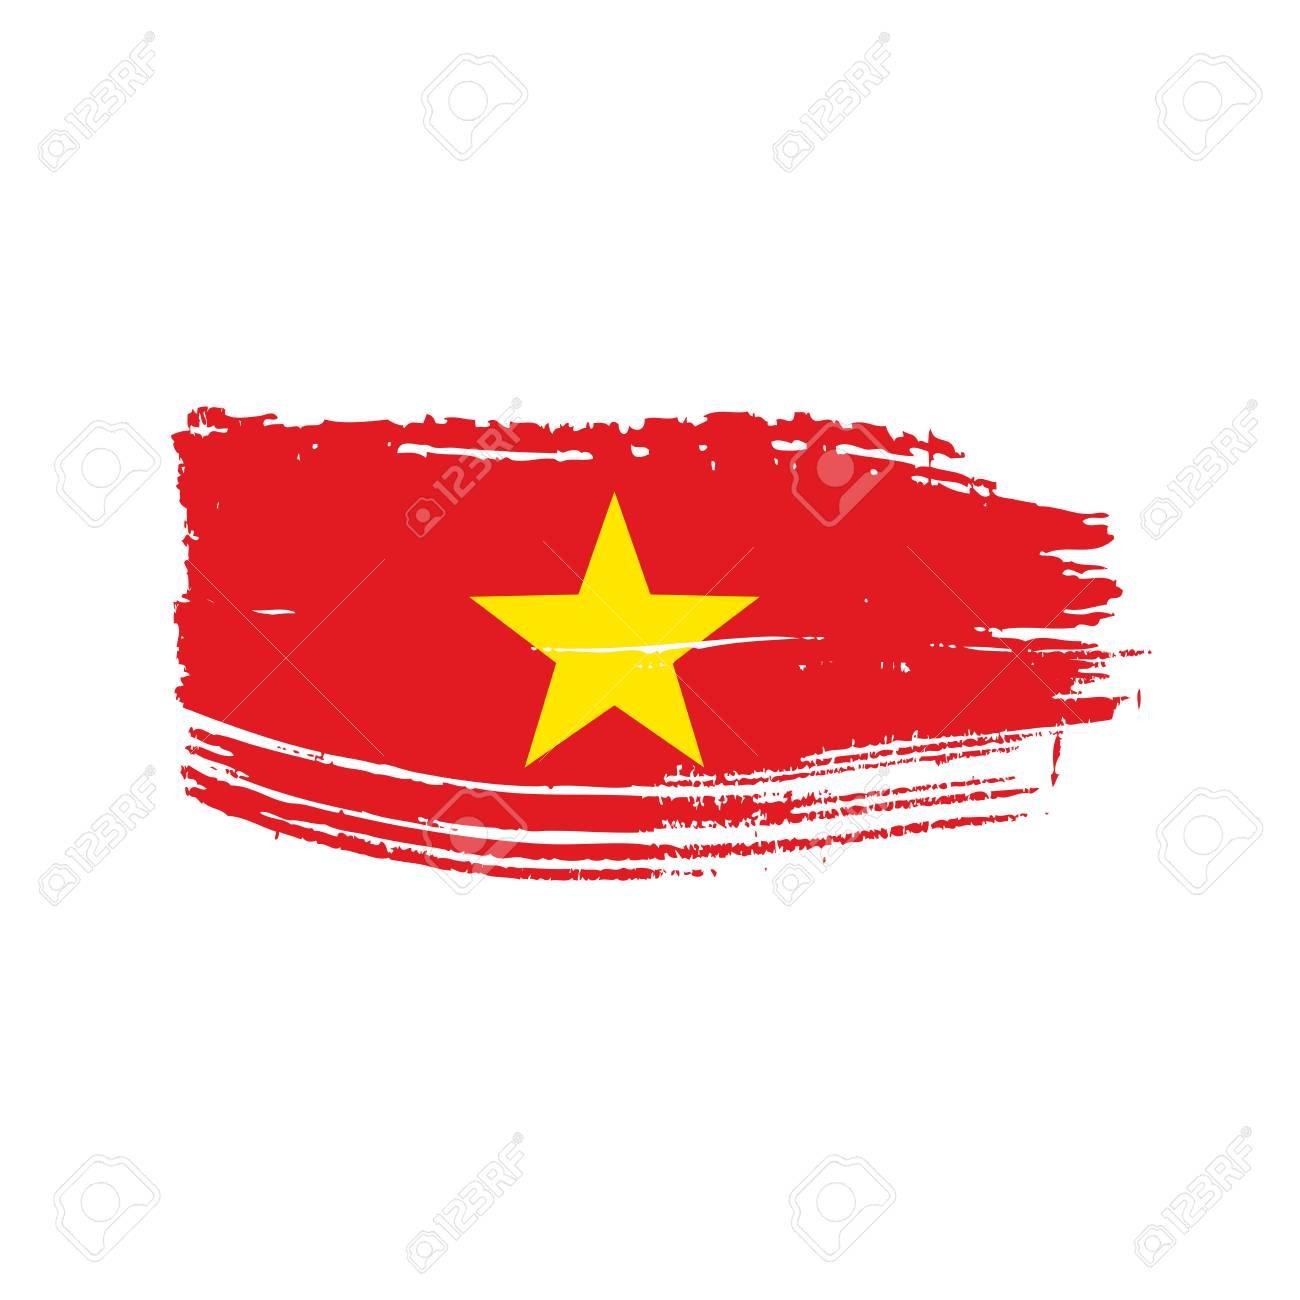 Vietnam flag icon illustration  Isolated on white background